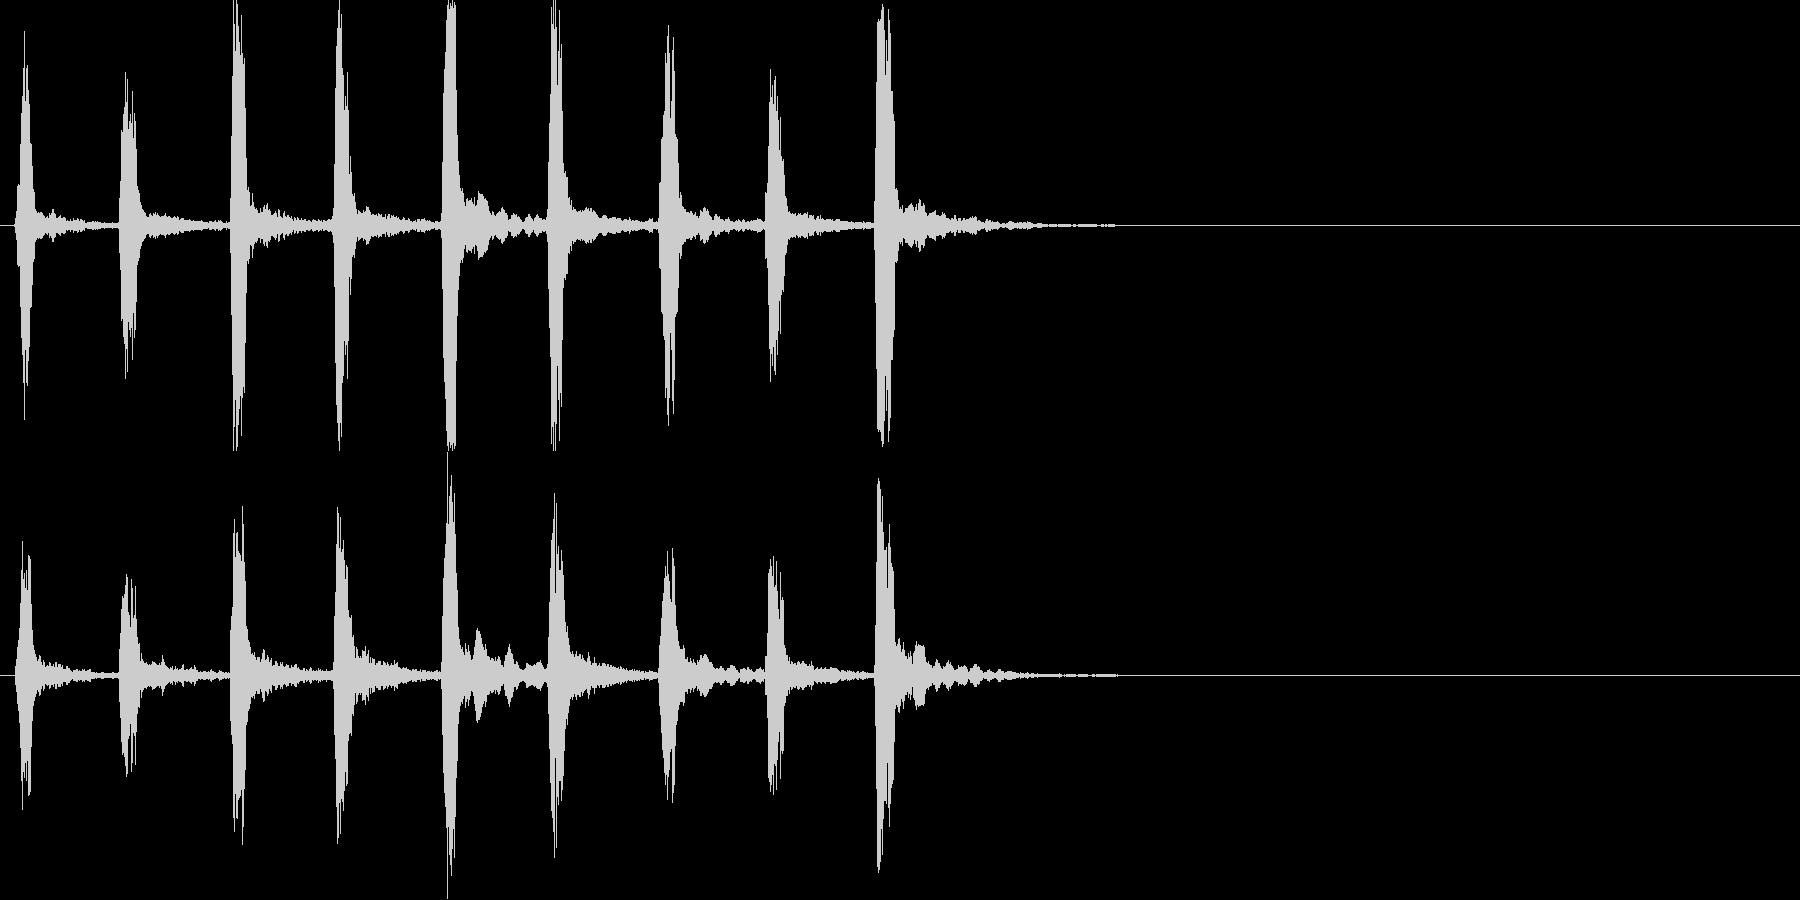 キィッキィッ!(バイオリン怖い刻み)速めの未再生の波形